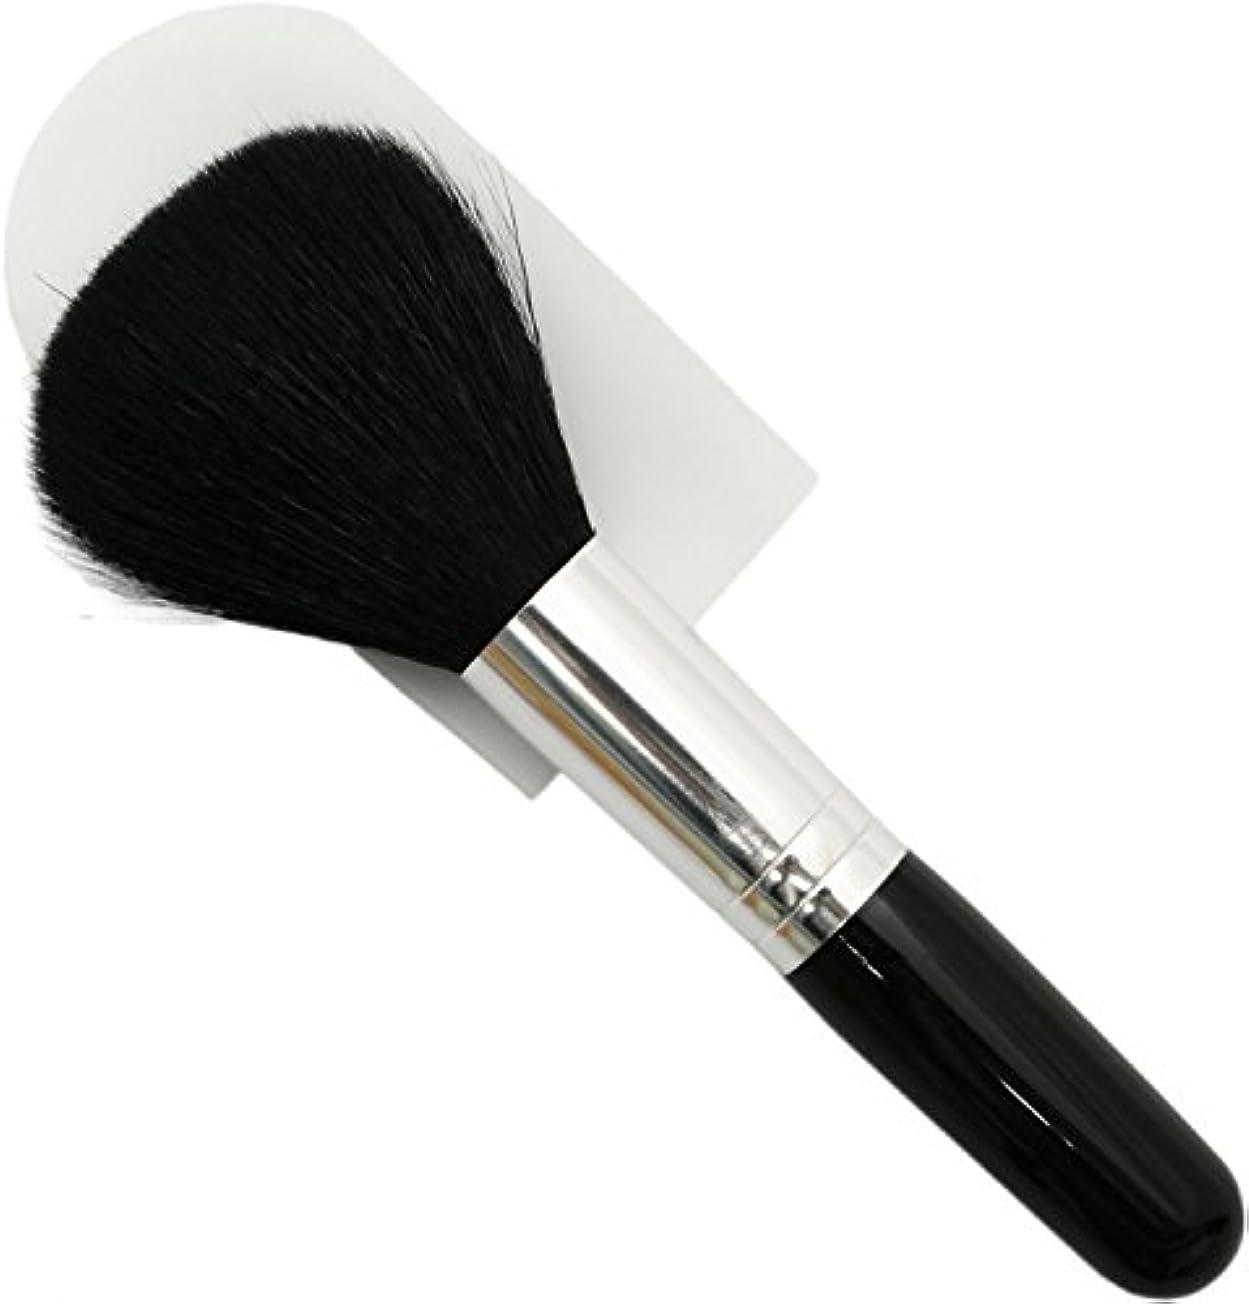 プリーツプール家具熊野筆 メイクブラシ KUシリーズ パウダーブラシ 山羊毛